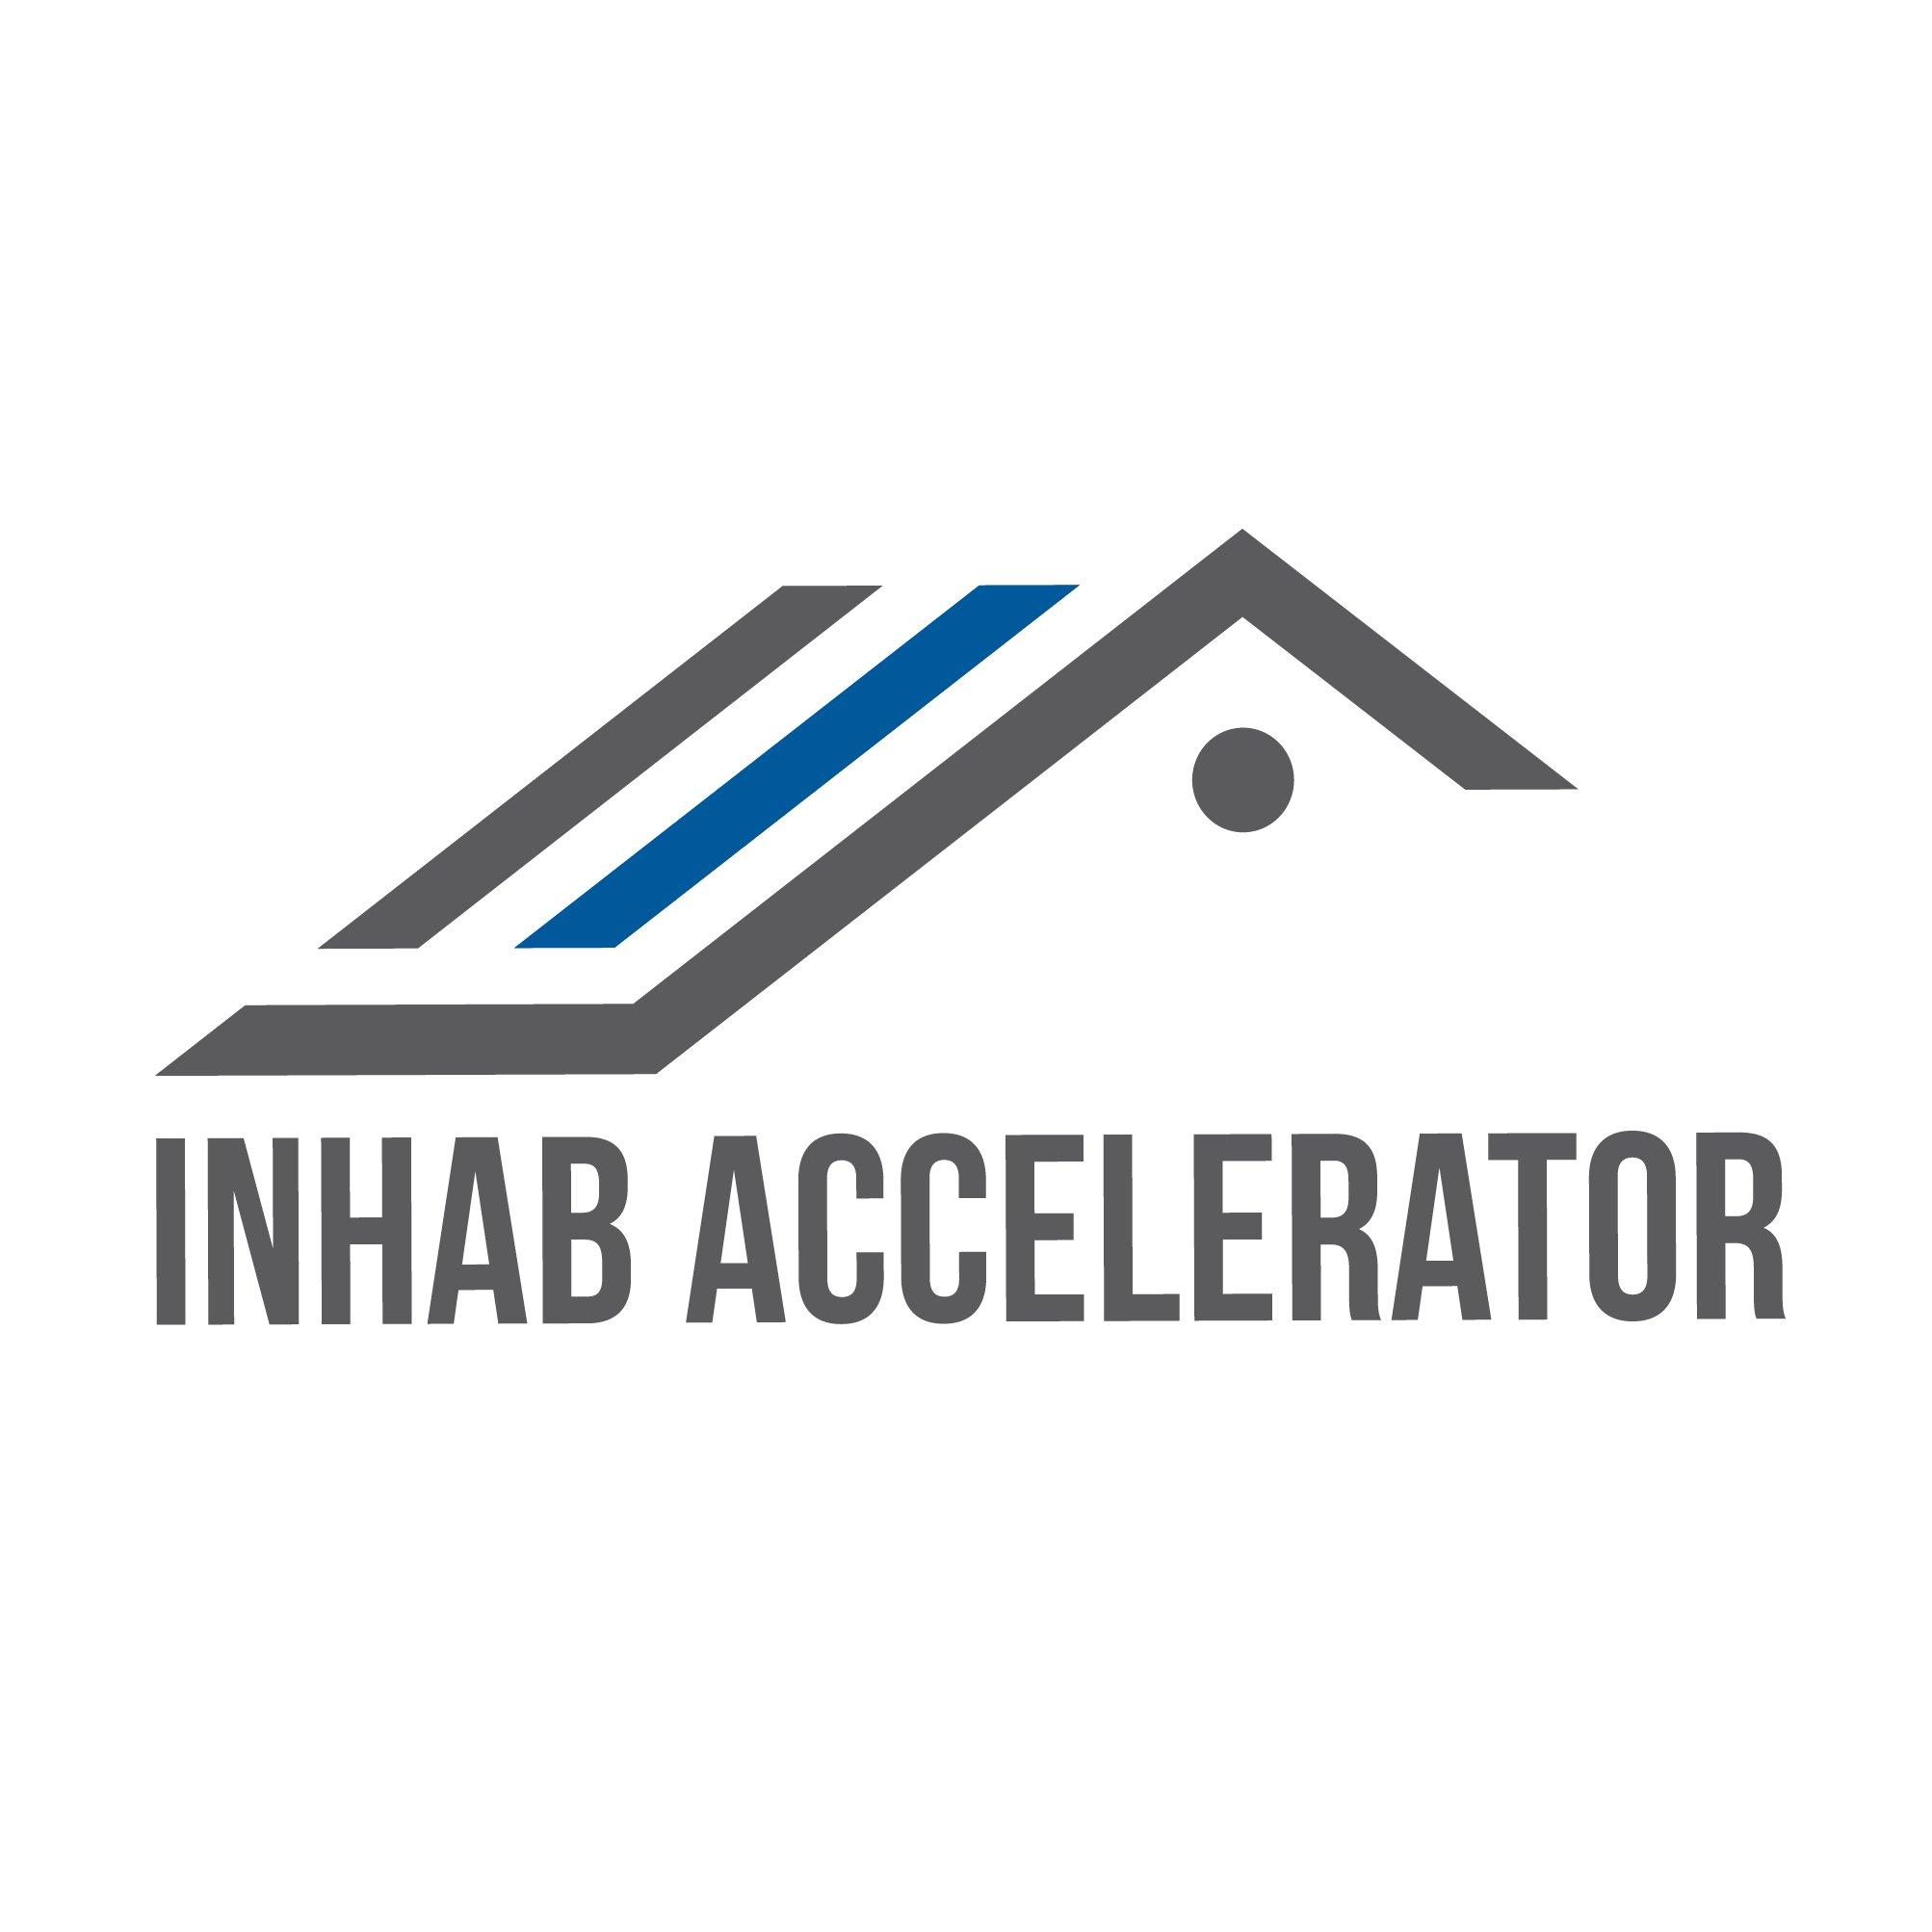 Inhab Accelerator